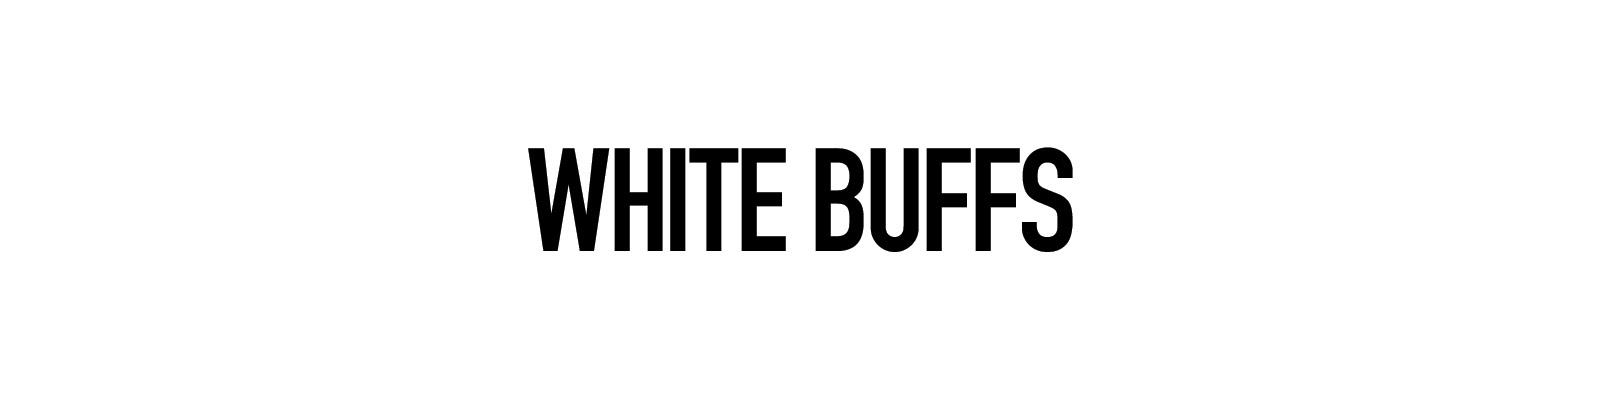 White Buffs